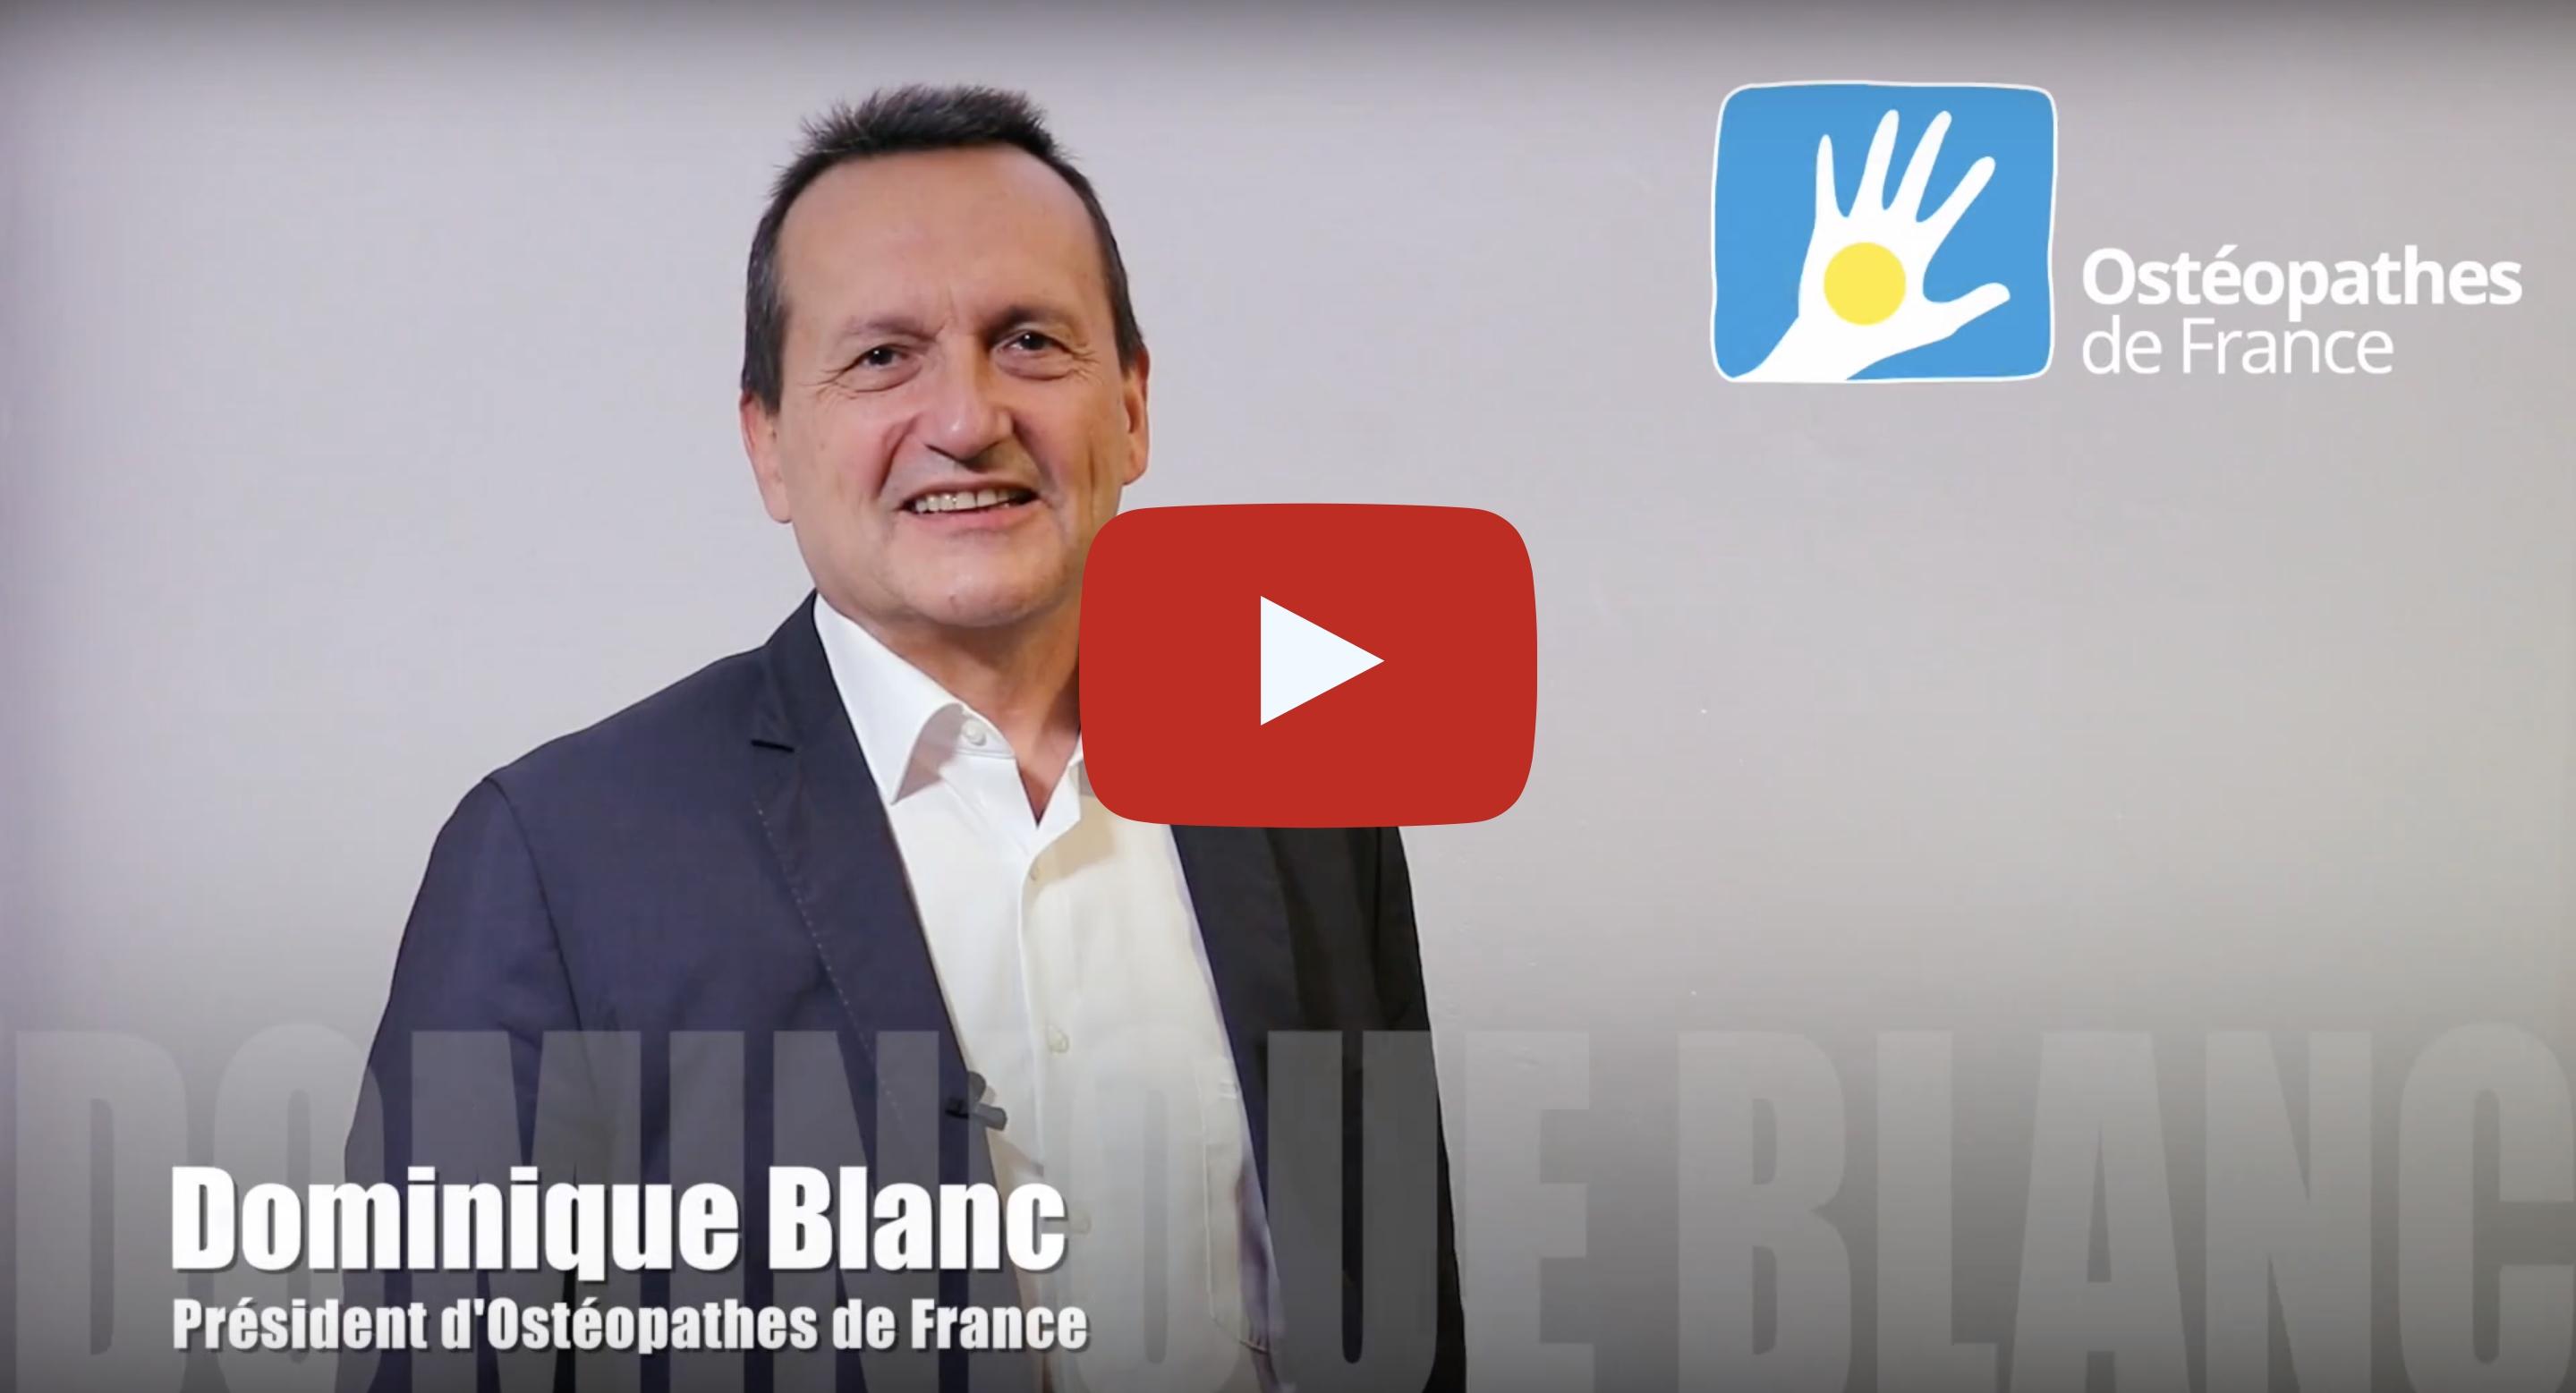 Dominique Blanc, Président d'Ostéopathes de France, présente les actualités de la rentrée